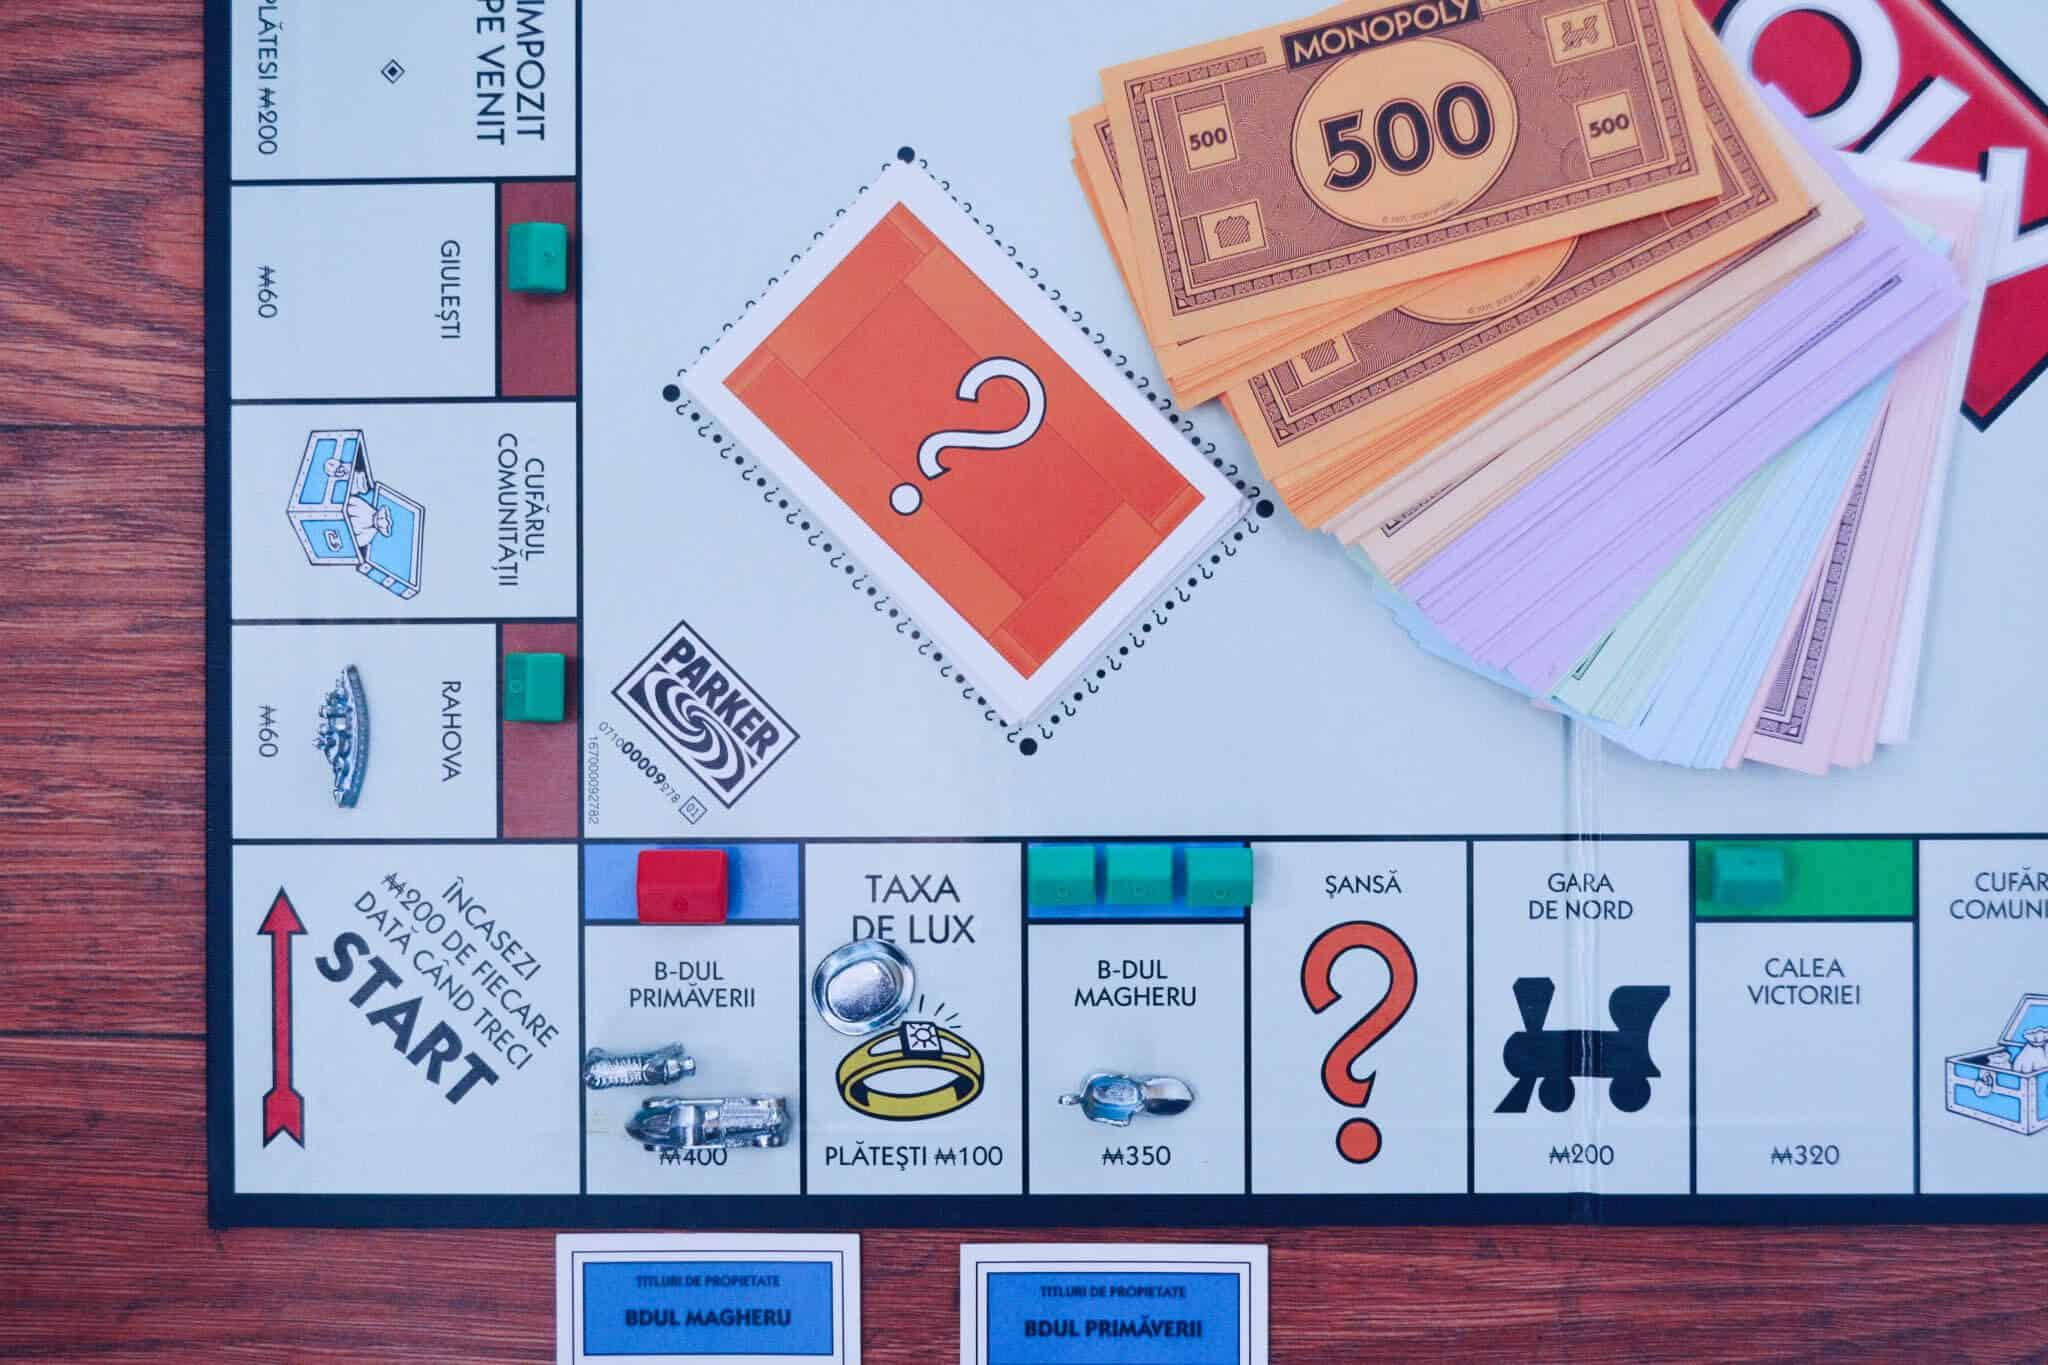 7 lições financeiras do Jogo Monopólio